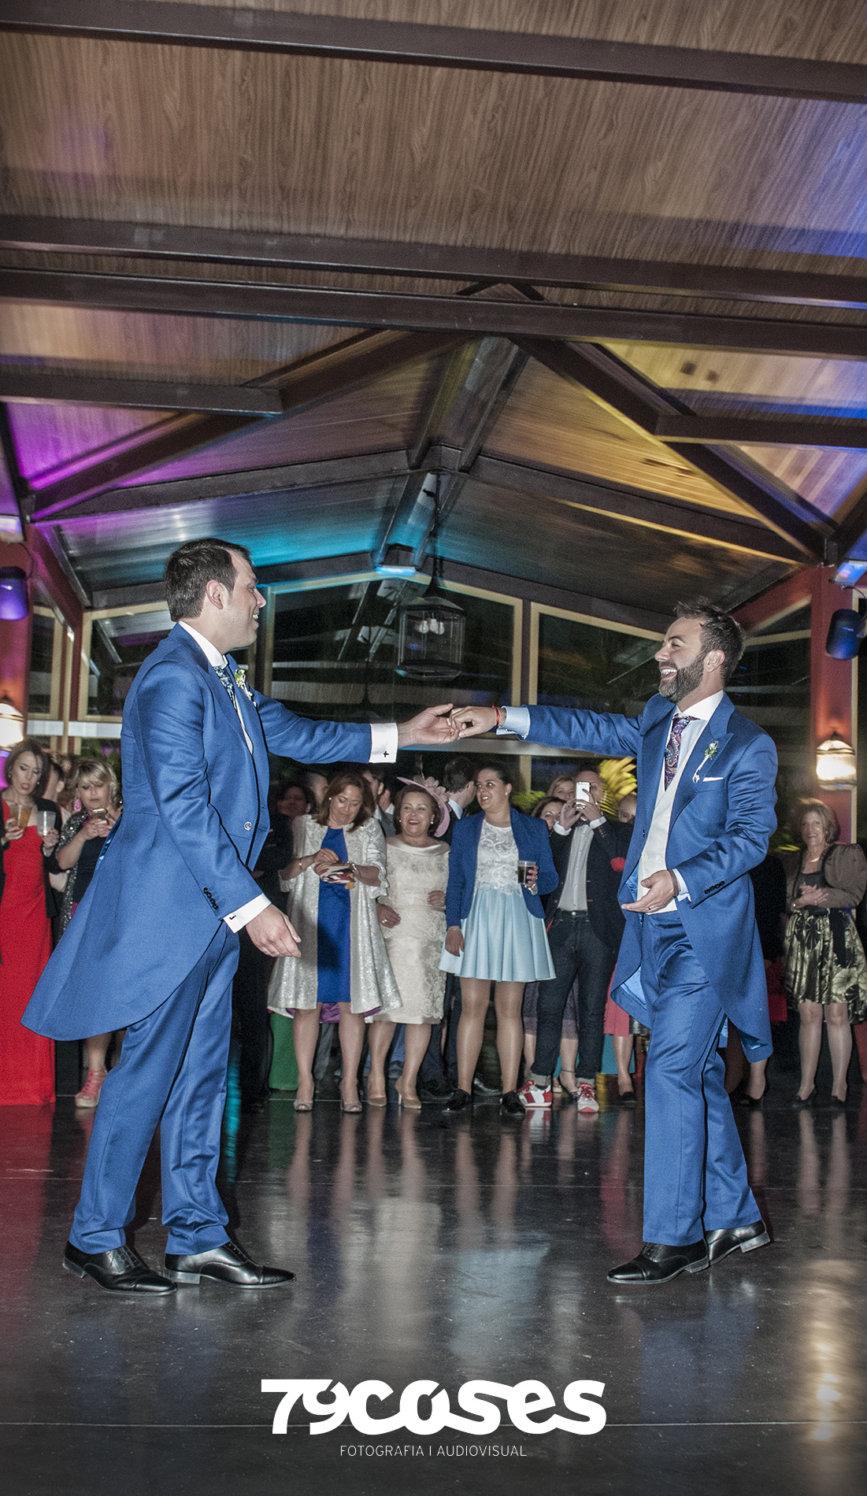 fotografía , Alicante, boda, Jijona, infantil, 79COSES